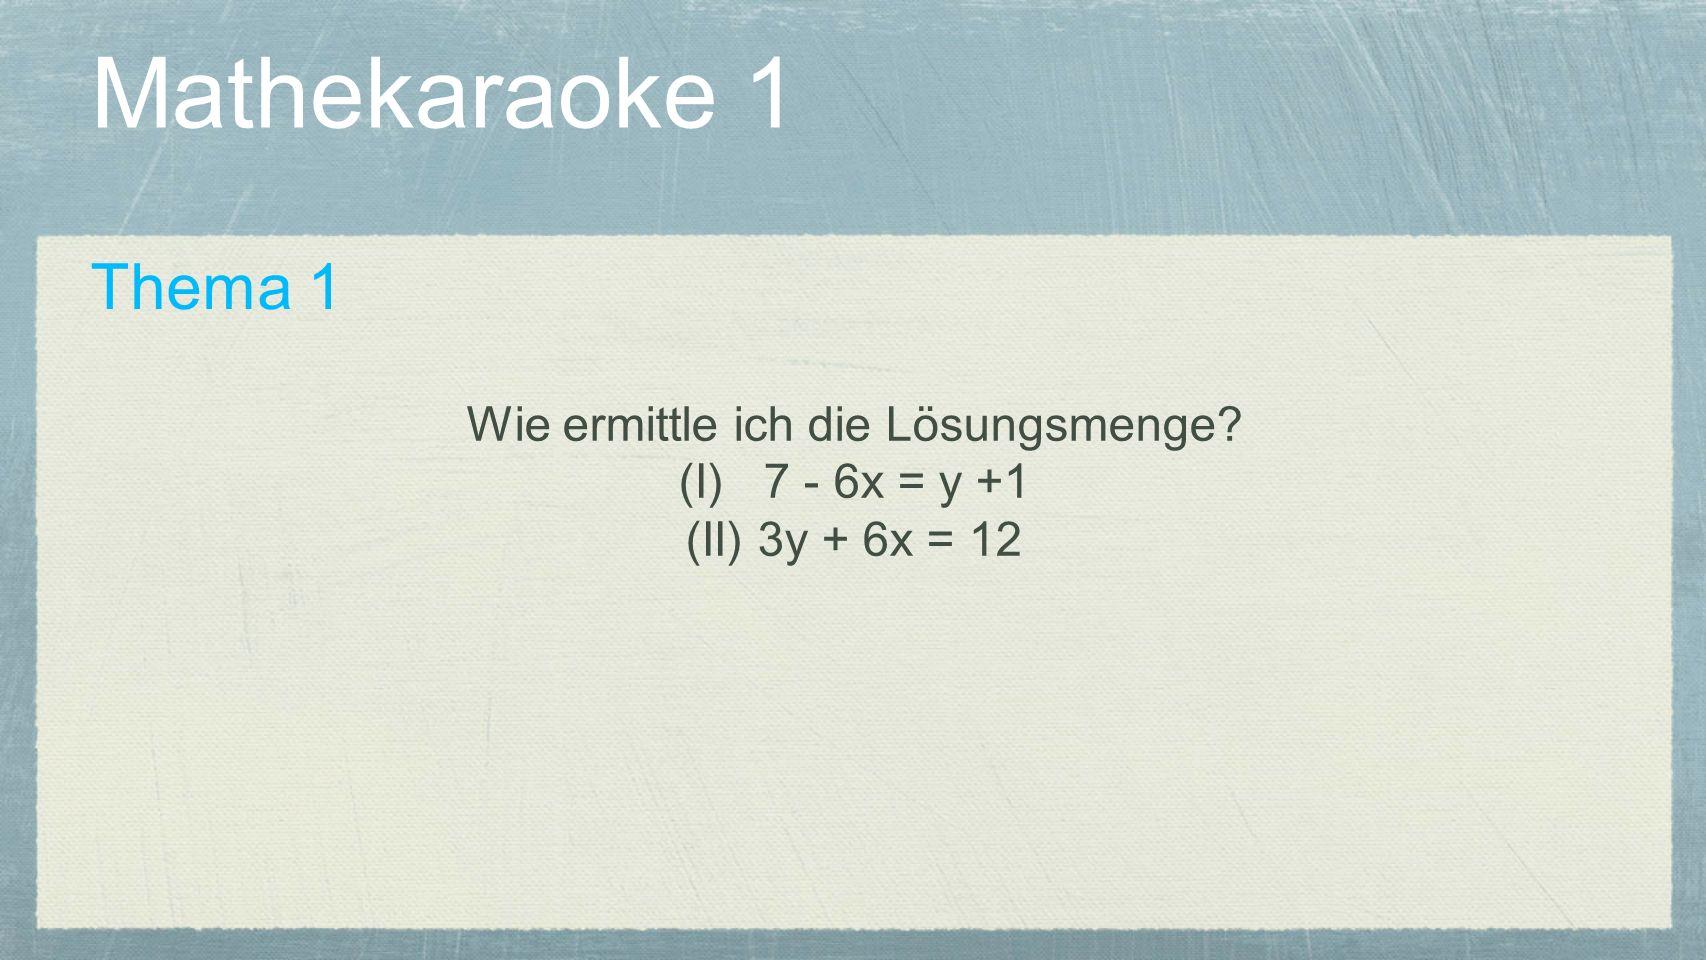 Mathekaraoke 1 Thema 1 Wie ermittle ich die Lösungsmenge? (I) 7 - 6x = y +1 (II) 3y + 6x = 12